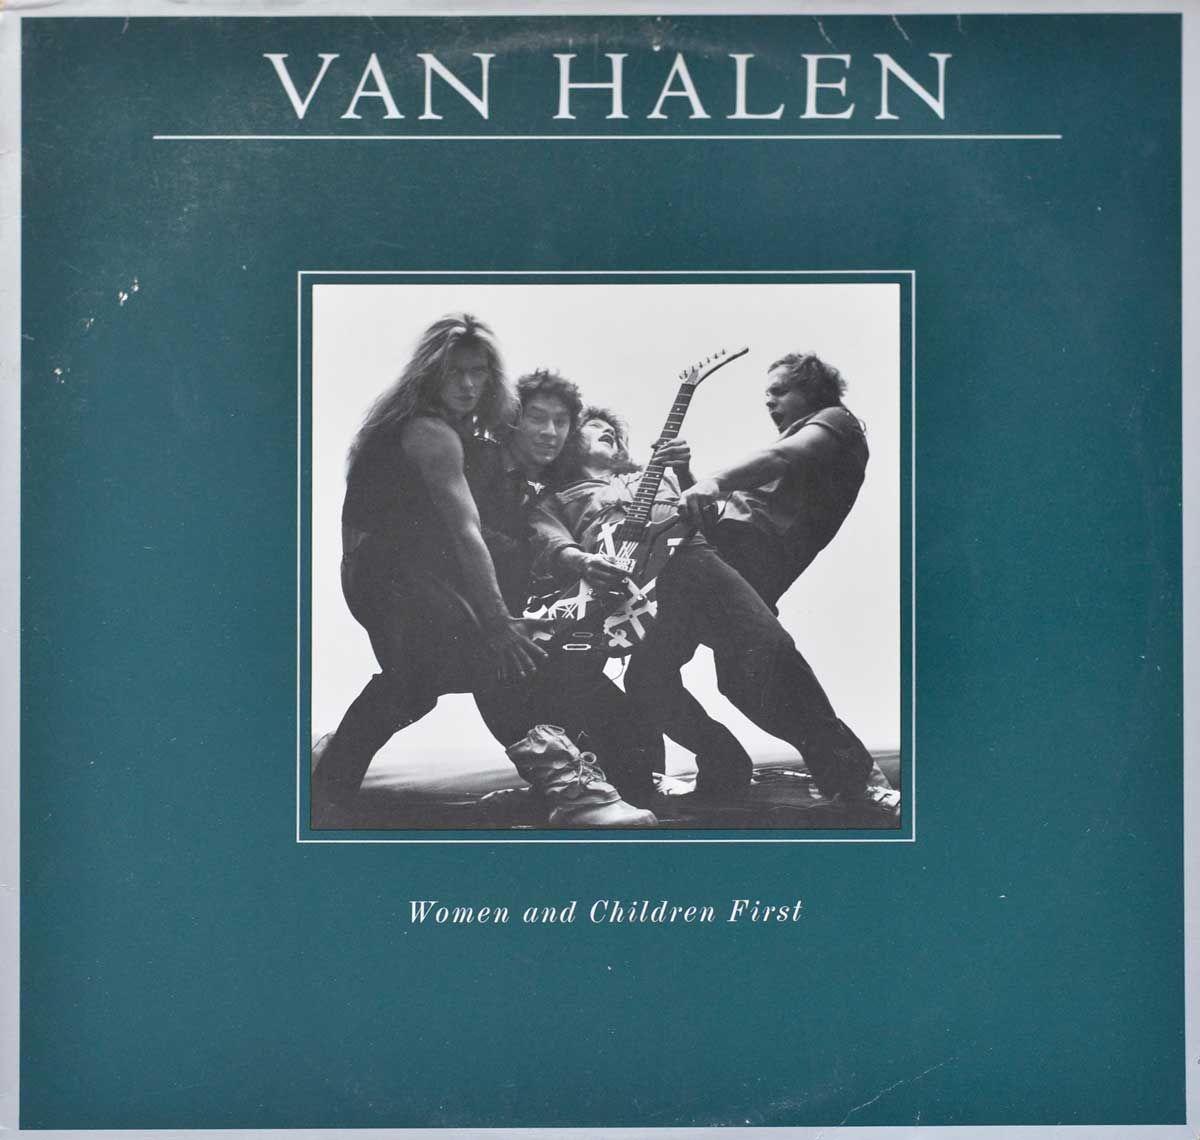 Van Halen Women And Children First Holland Netherlands Release American Hard Rock Hard Rock 12 Lp Vinyl Album Cover G In 2020 Van Halen Van Halen Fair Warning Halen